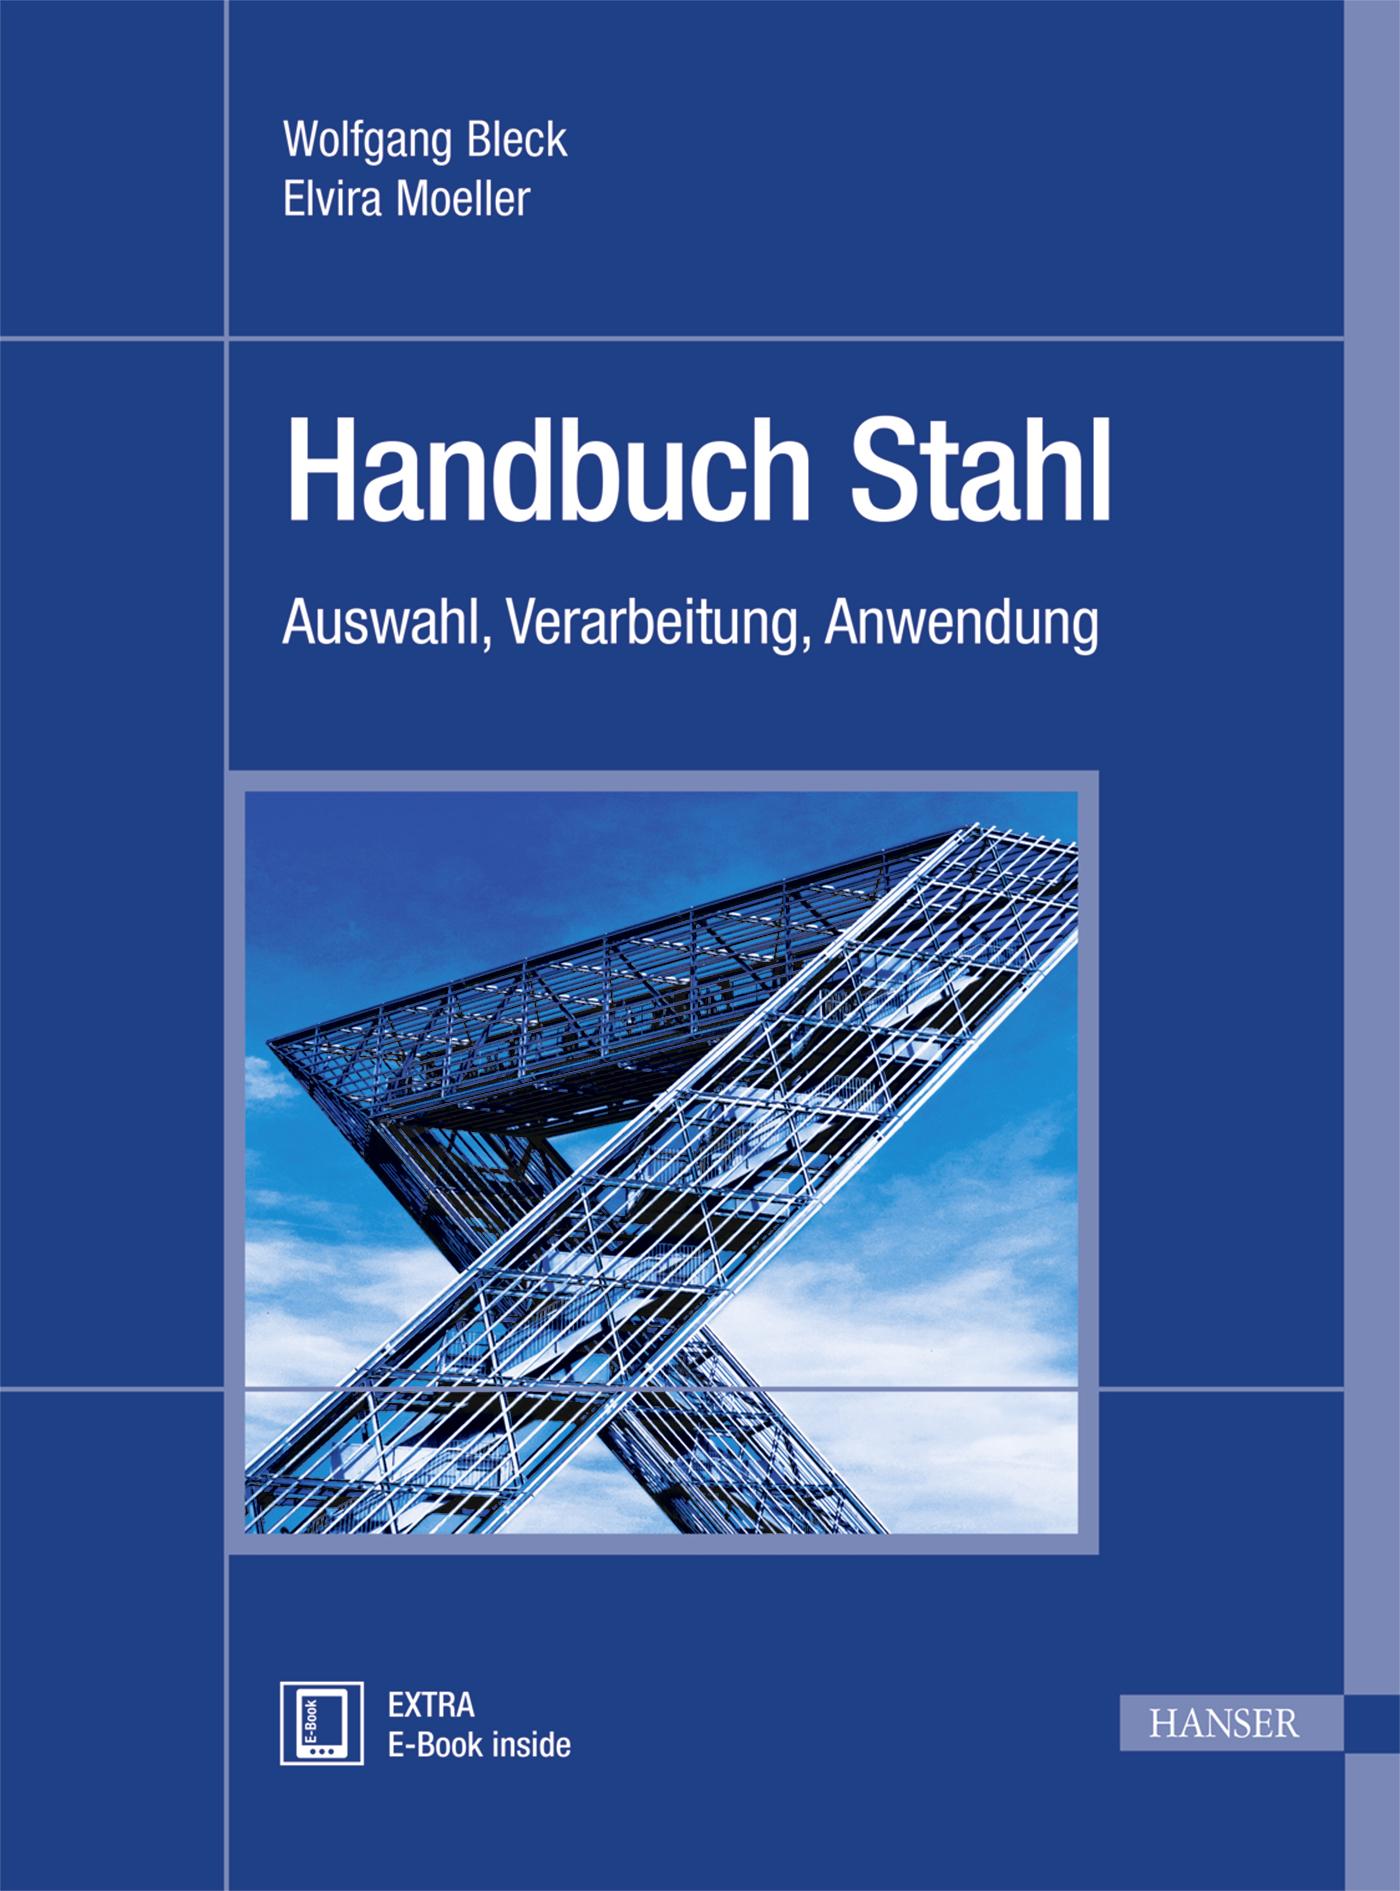 Handbuch Stahl, 978-3-446-44961-9